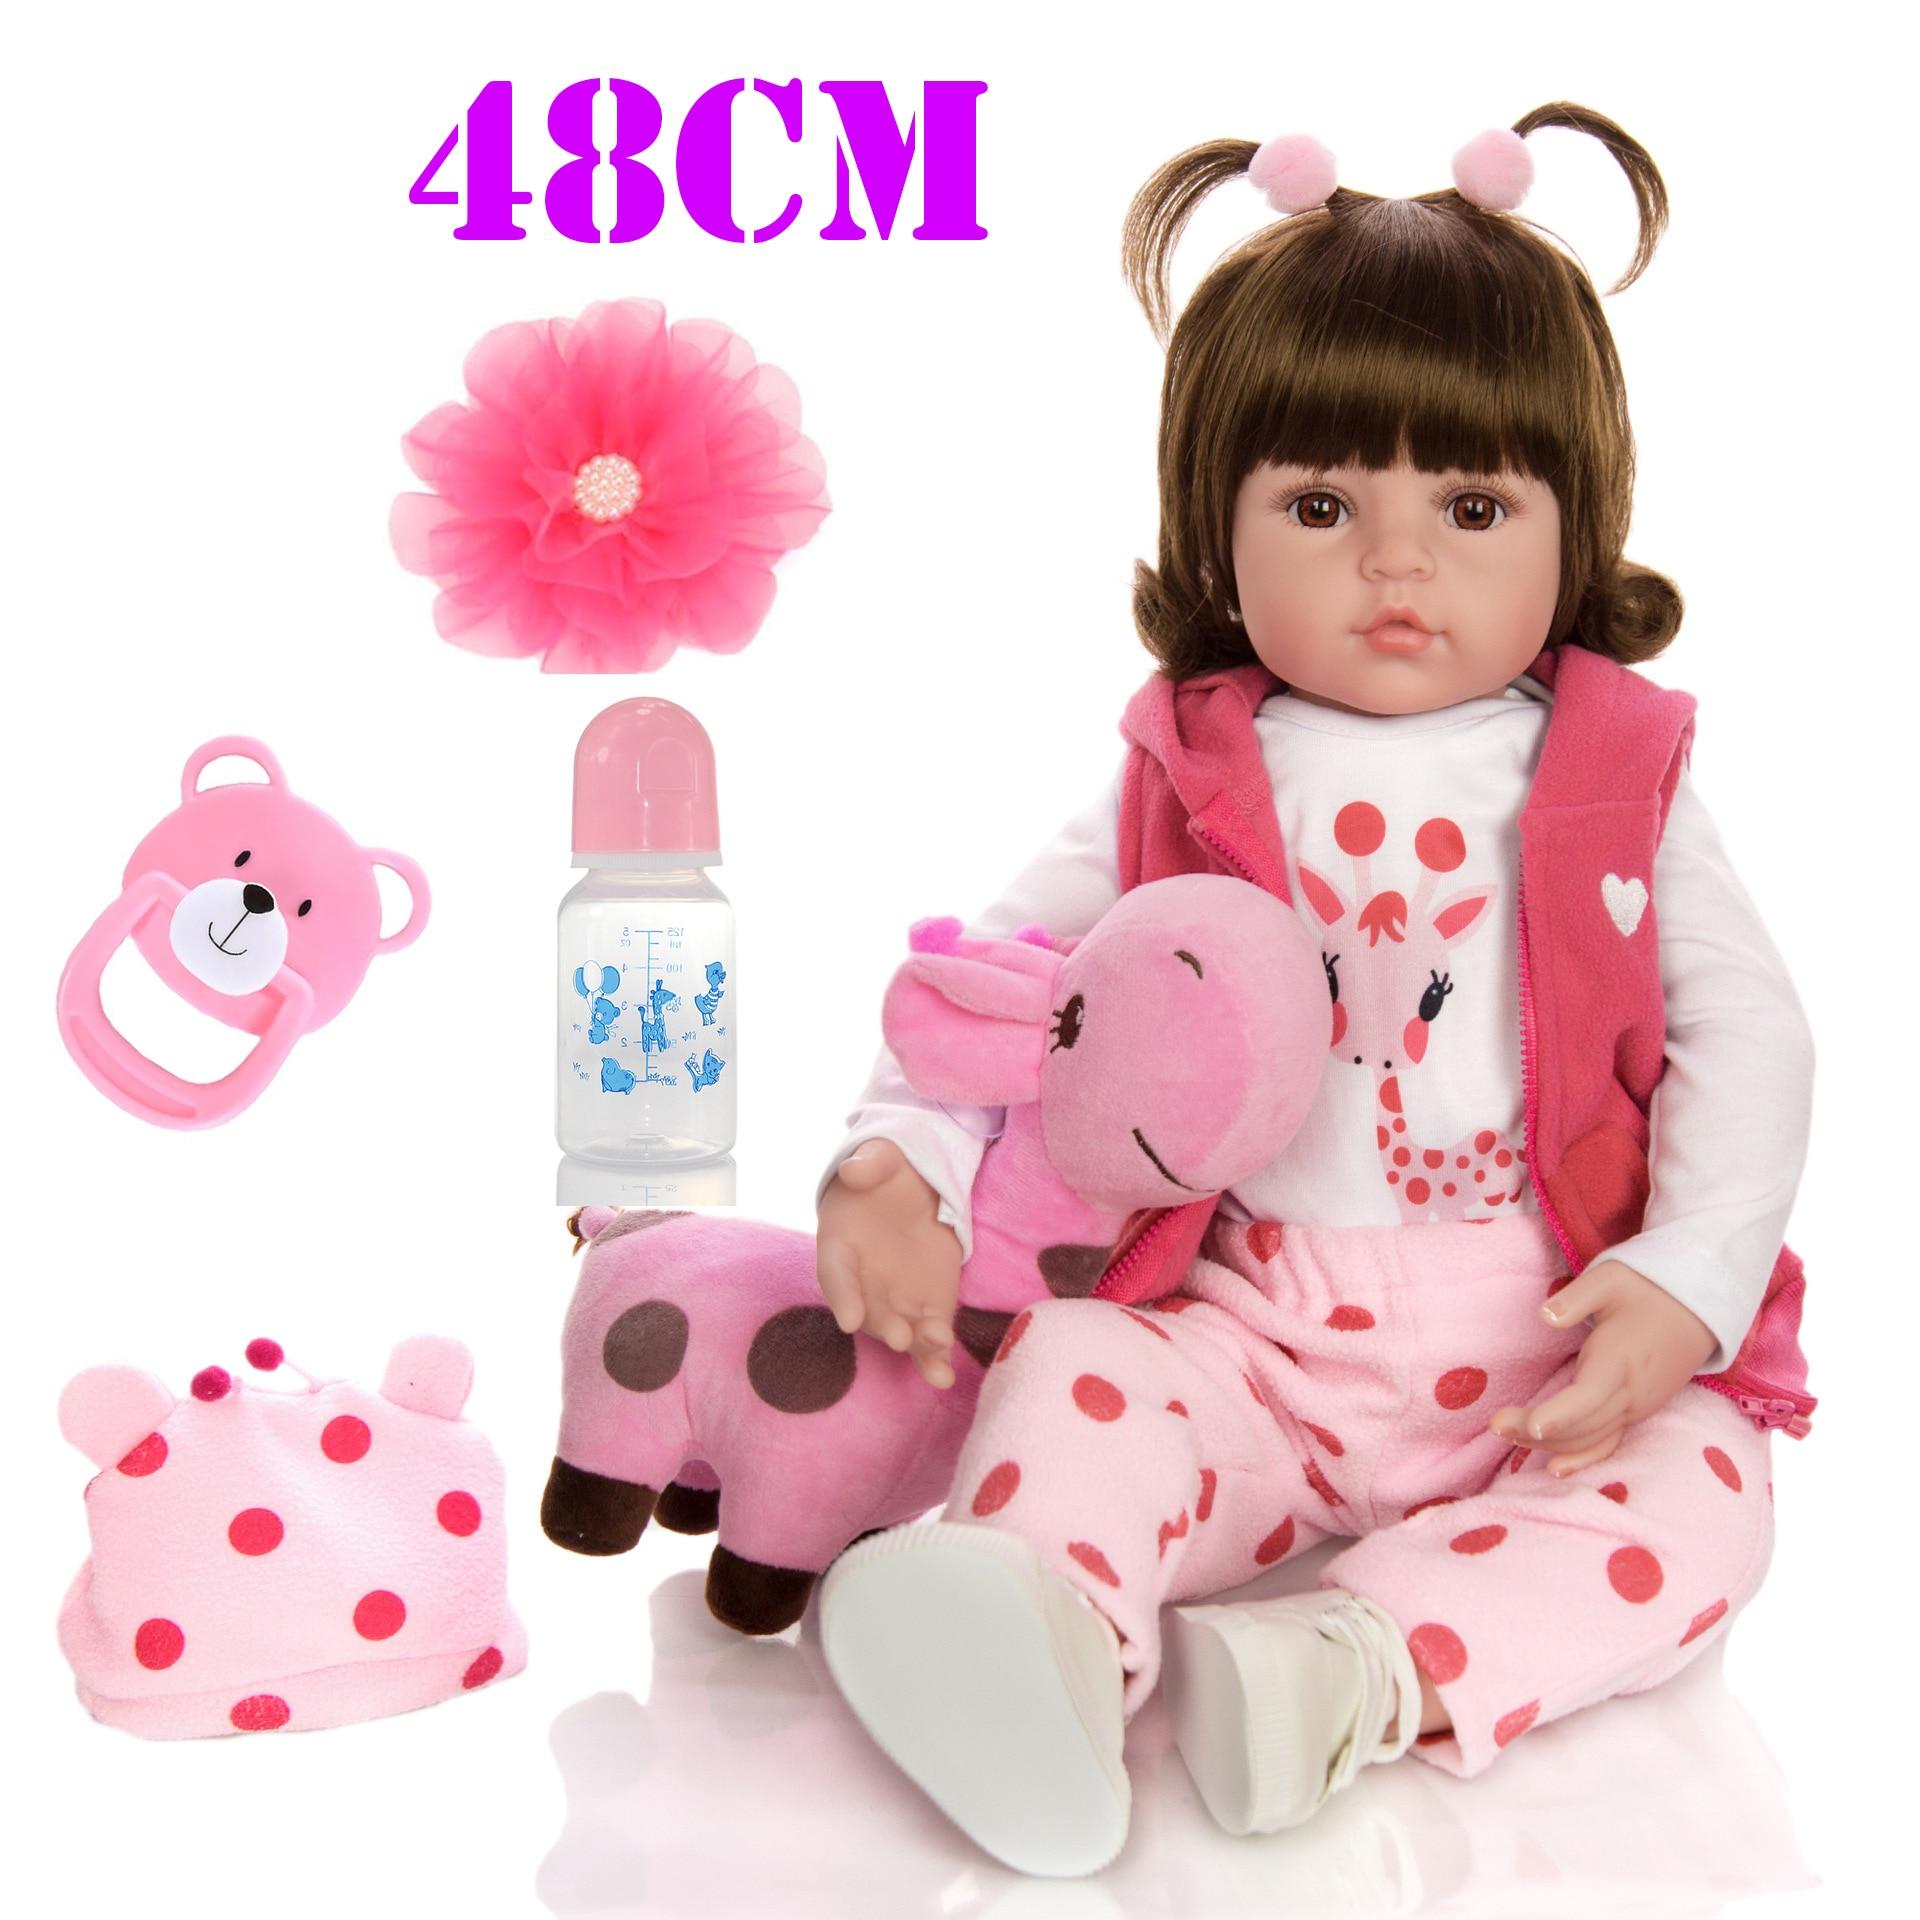 """De silicona renacer muñecas del bebé juguetes de 19 """"48cm bebes reborn niña realista metoo niños sorpresas regalo l o l muñecas"""